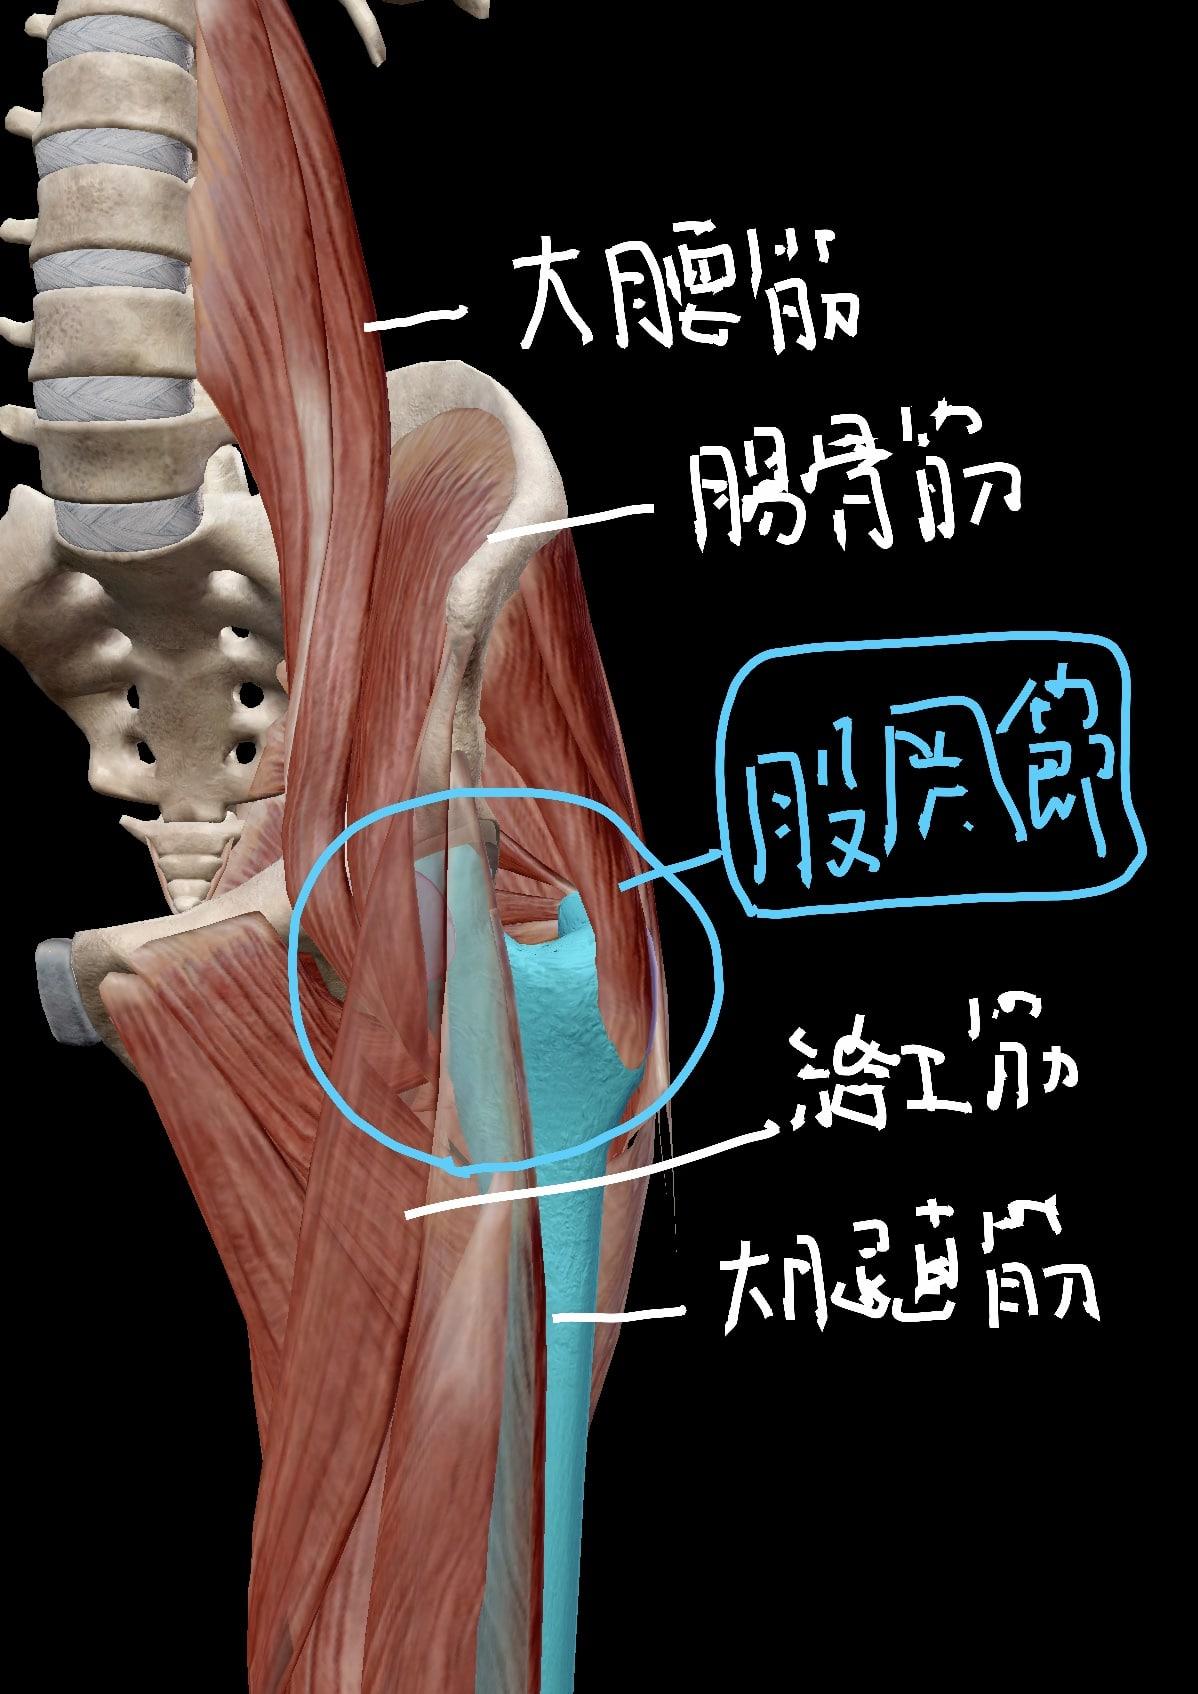 股関節前面の筋肉